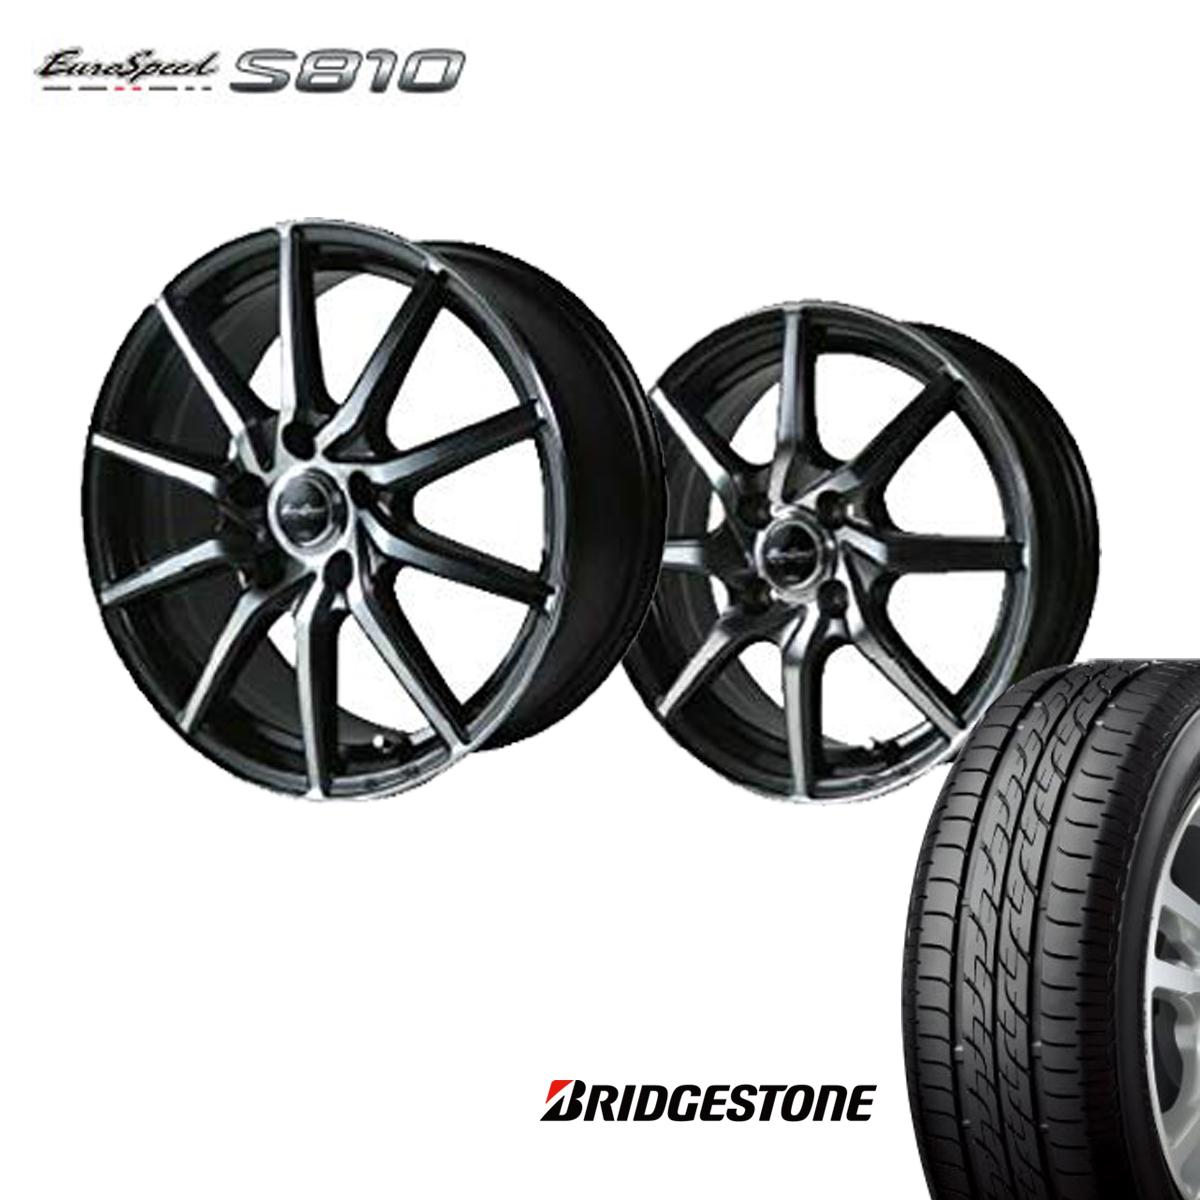 Euro Speed S810 タイヤ ホイール セット 4本 17インチ 5H100 7.0J+50 ユーロスピード S810 マナレイ スポーツ ブリヂストン 215/45R17 215 45 17